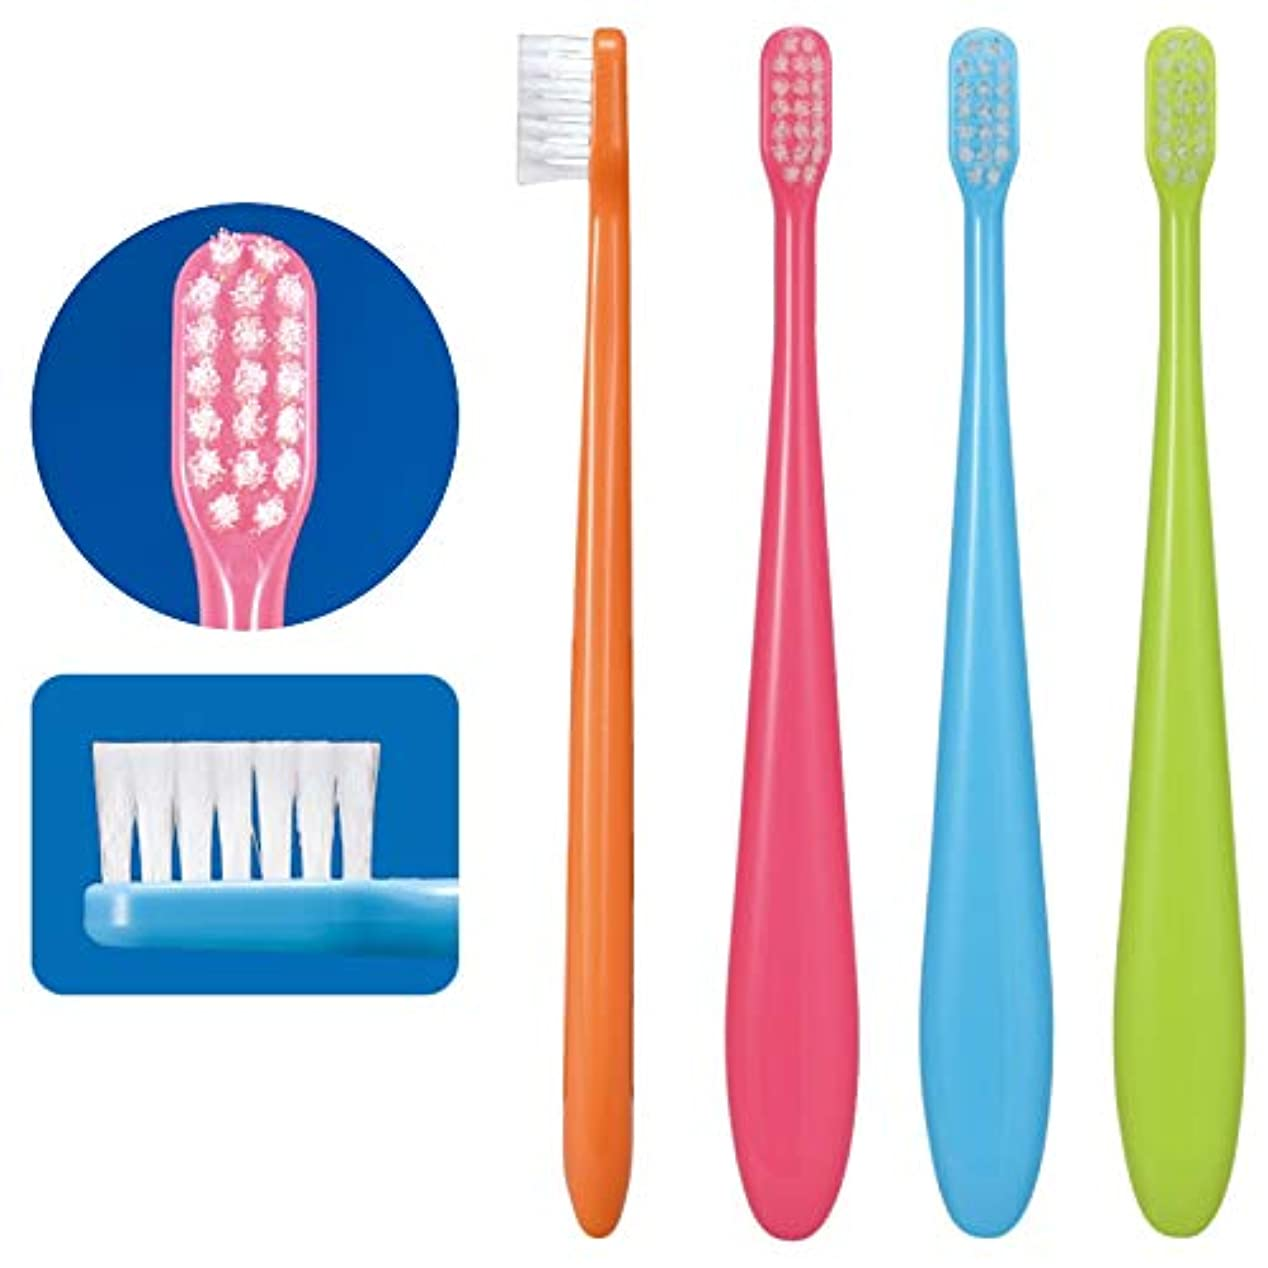 一般化する苦しめる非武装化Ci ミニ歯ブラシ ミディミルキー 20本 M(ふつう) 歯科専売品 日本製